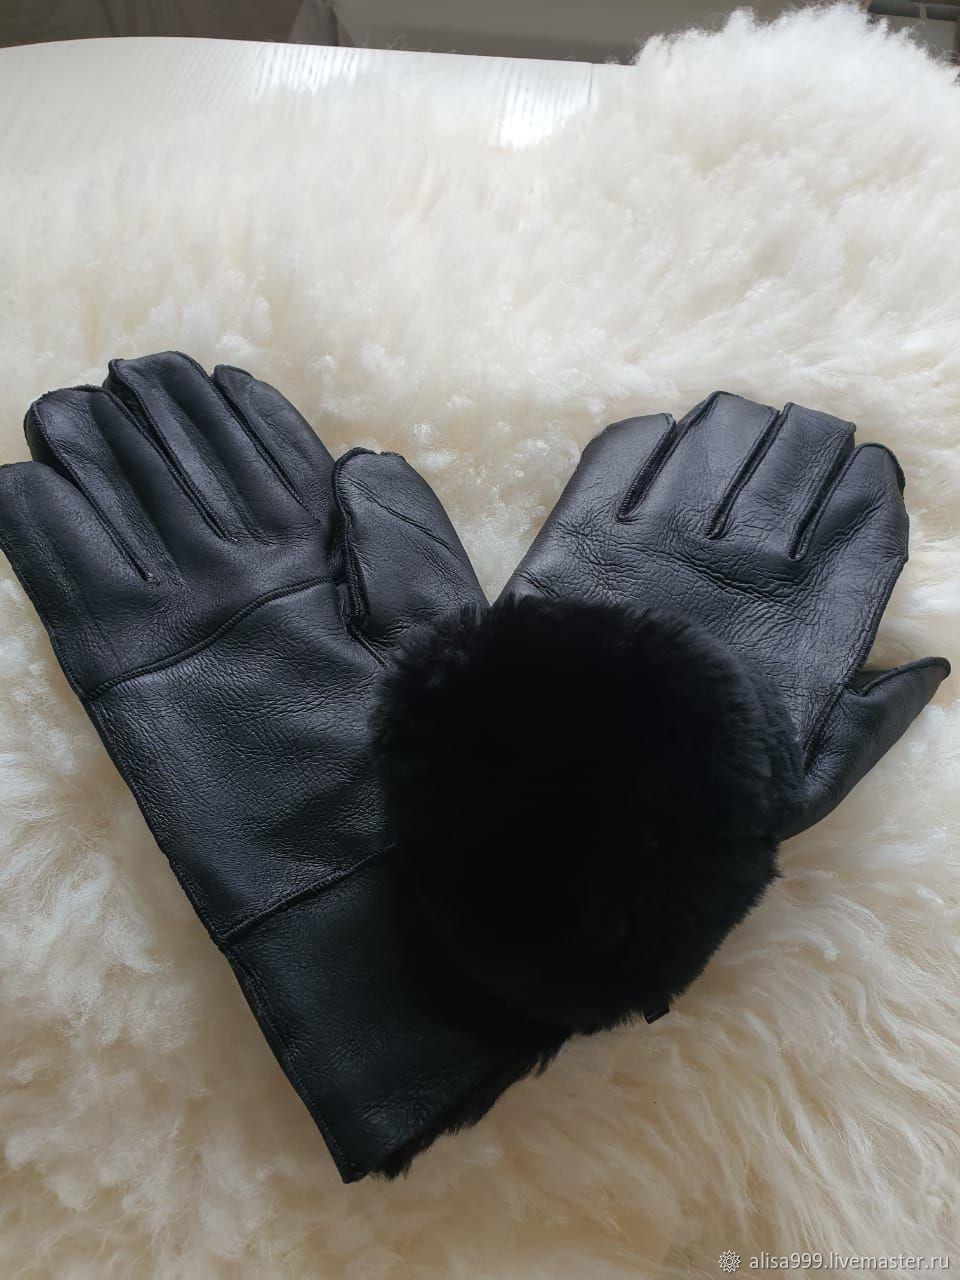 Кожаные перчатки из овчины мужские черные, Перчатки, Москва,  Фото №1